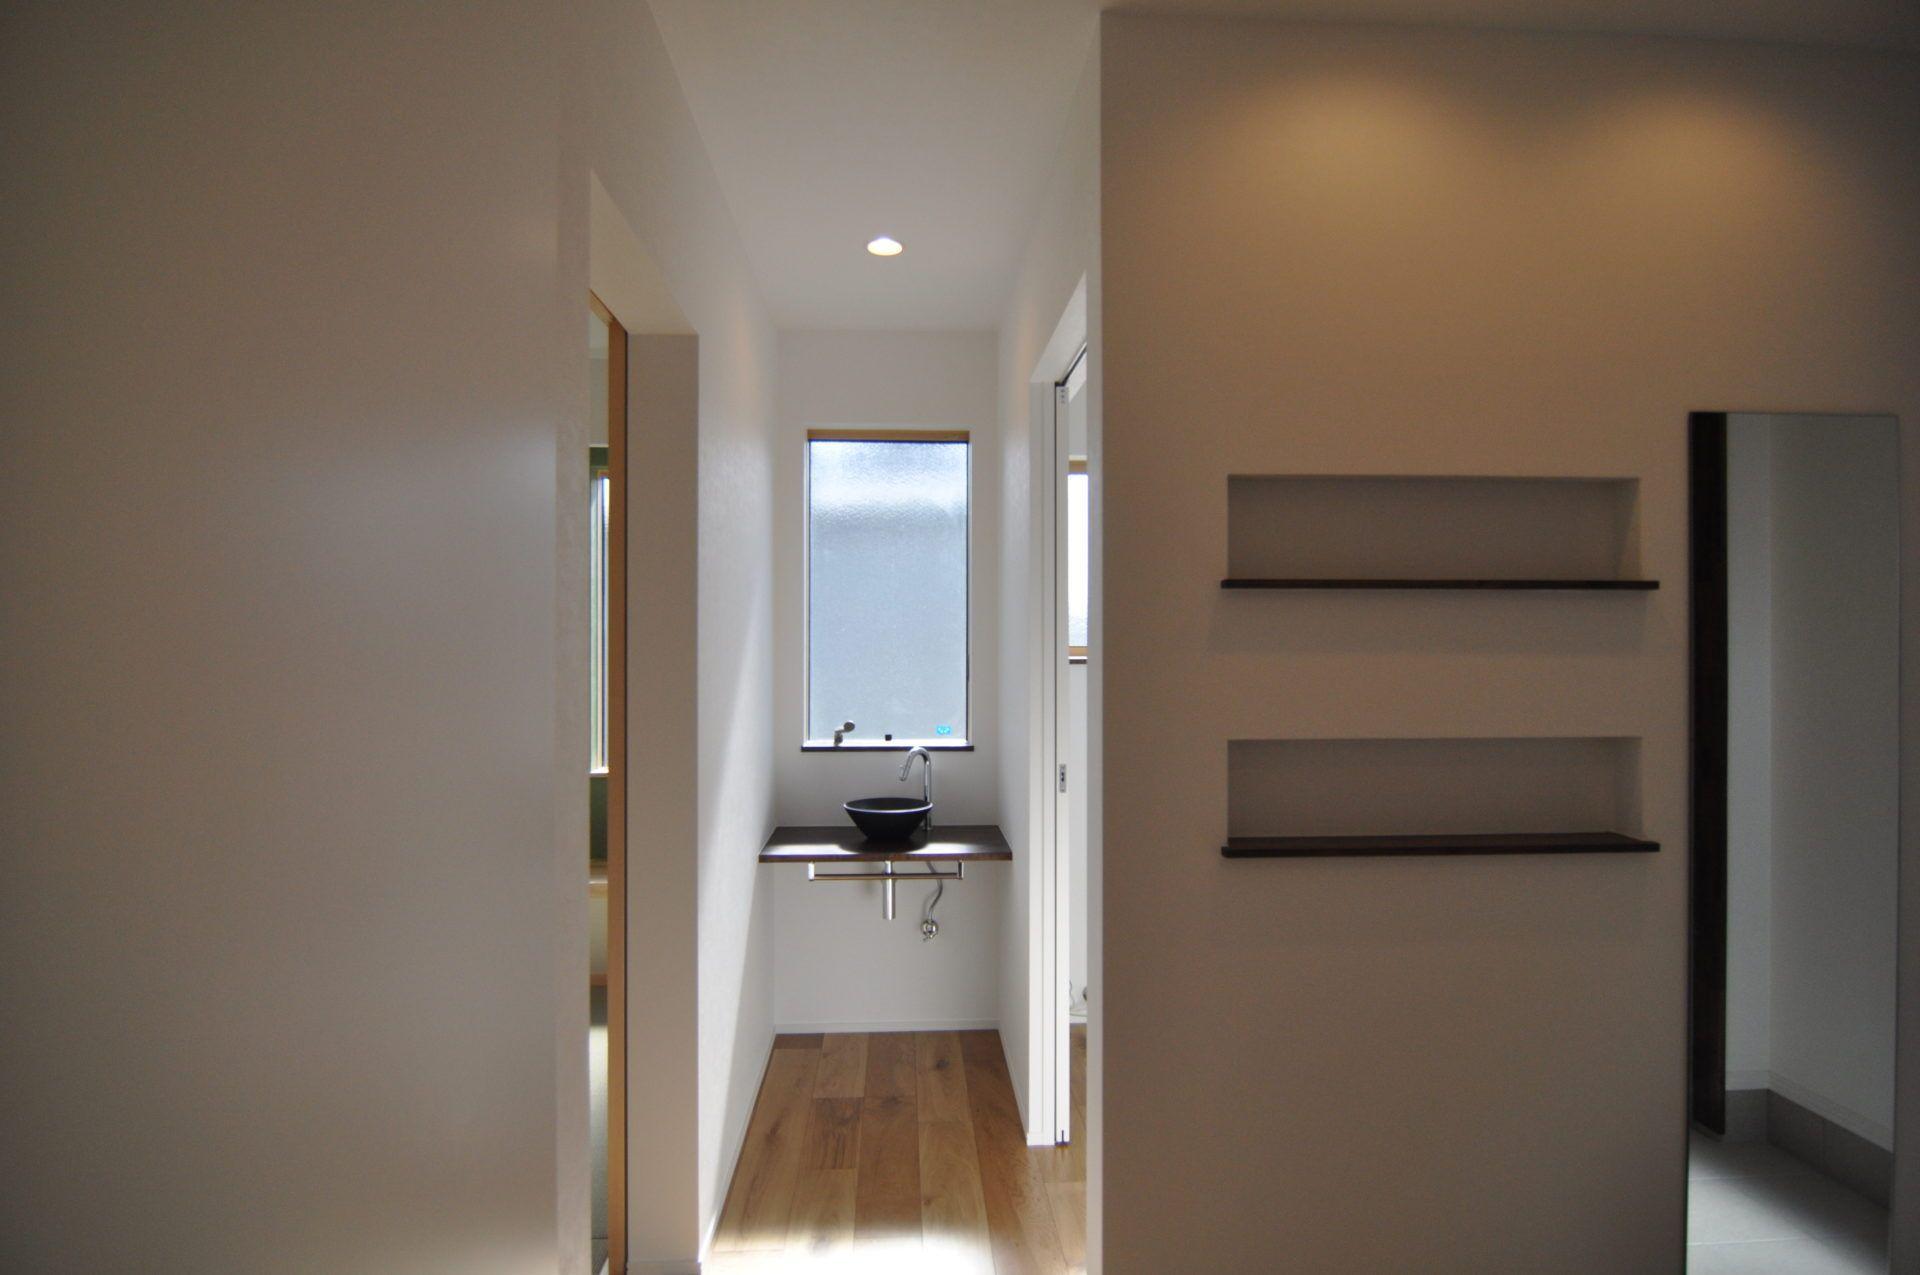 有限会社 市川建築店 1級建築士事務所「加茂市 Y様邸」のシンプル・ナチュラル・モダンな廊下の実例写真